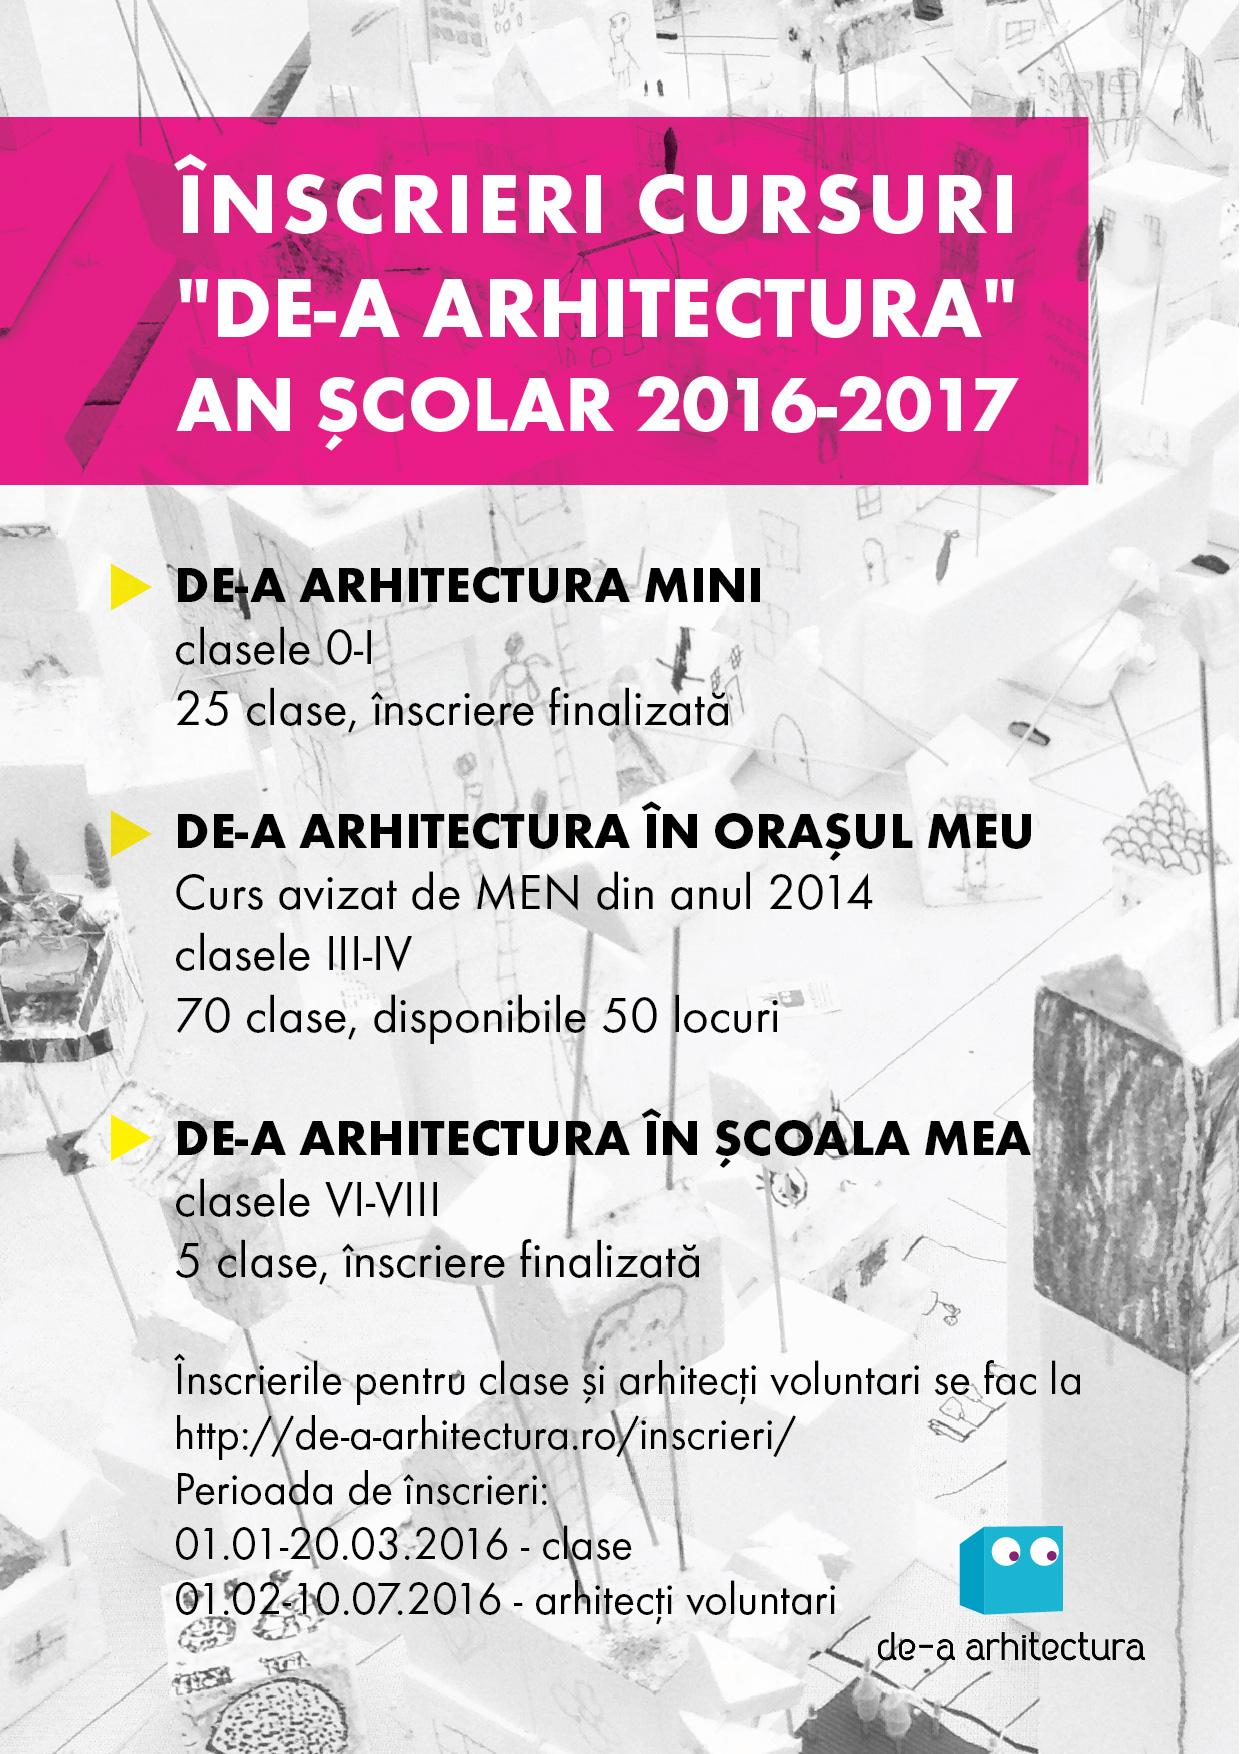 Cursurile optionale De-a Arhitectura vor putea numara peste 10 000 de copii in scoli - Cursurile